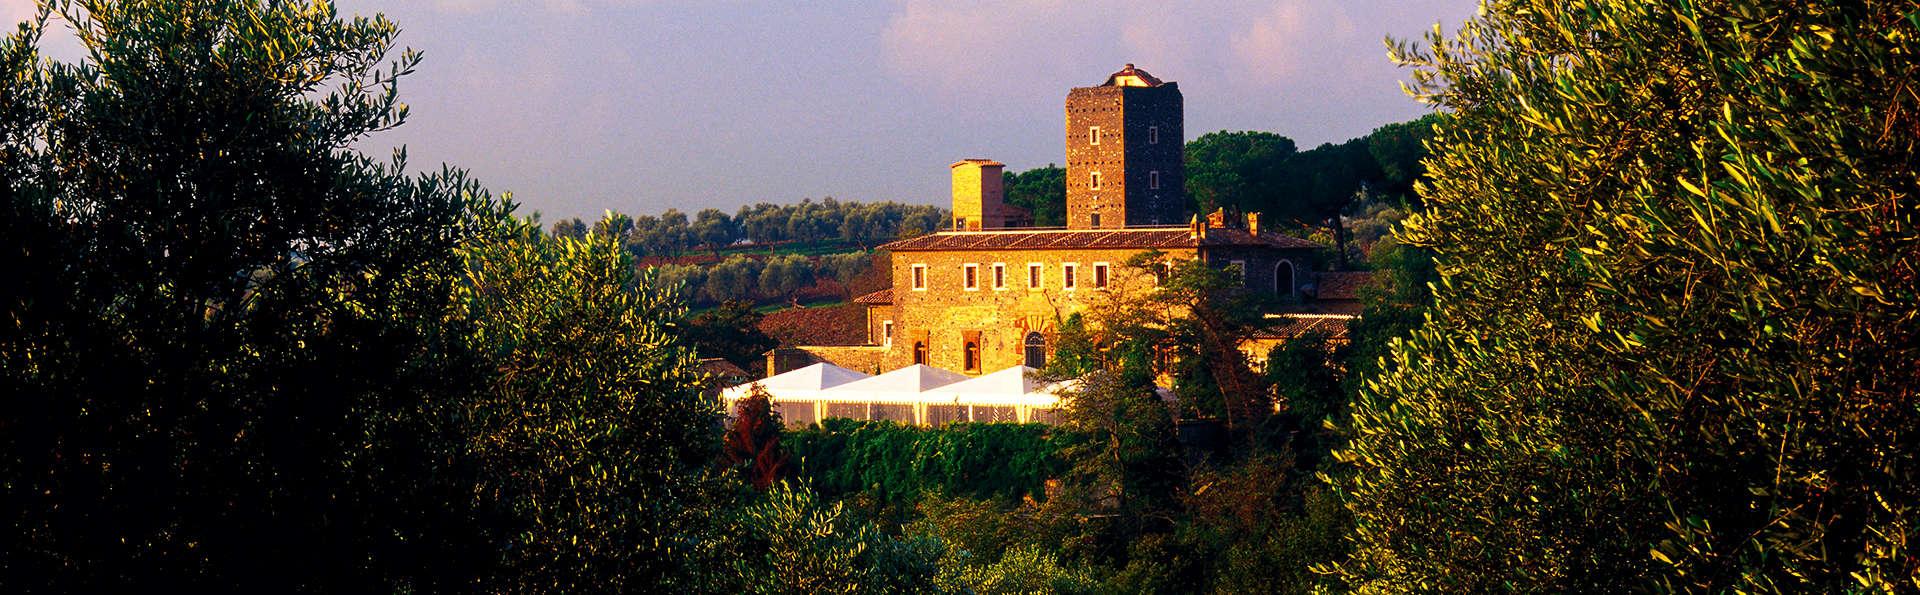 Nuit au château juste à l'extérieur de Rome: romance et nature!